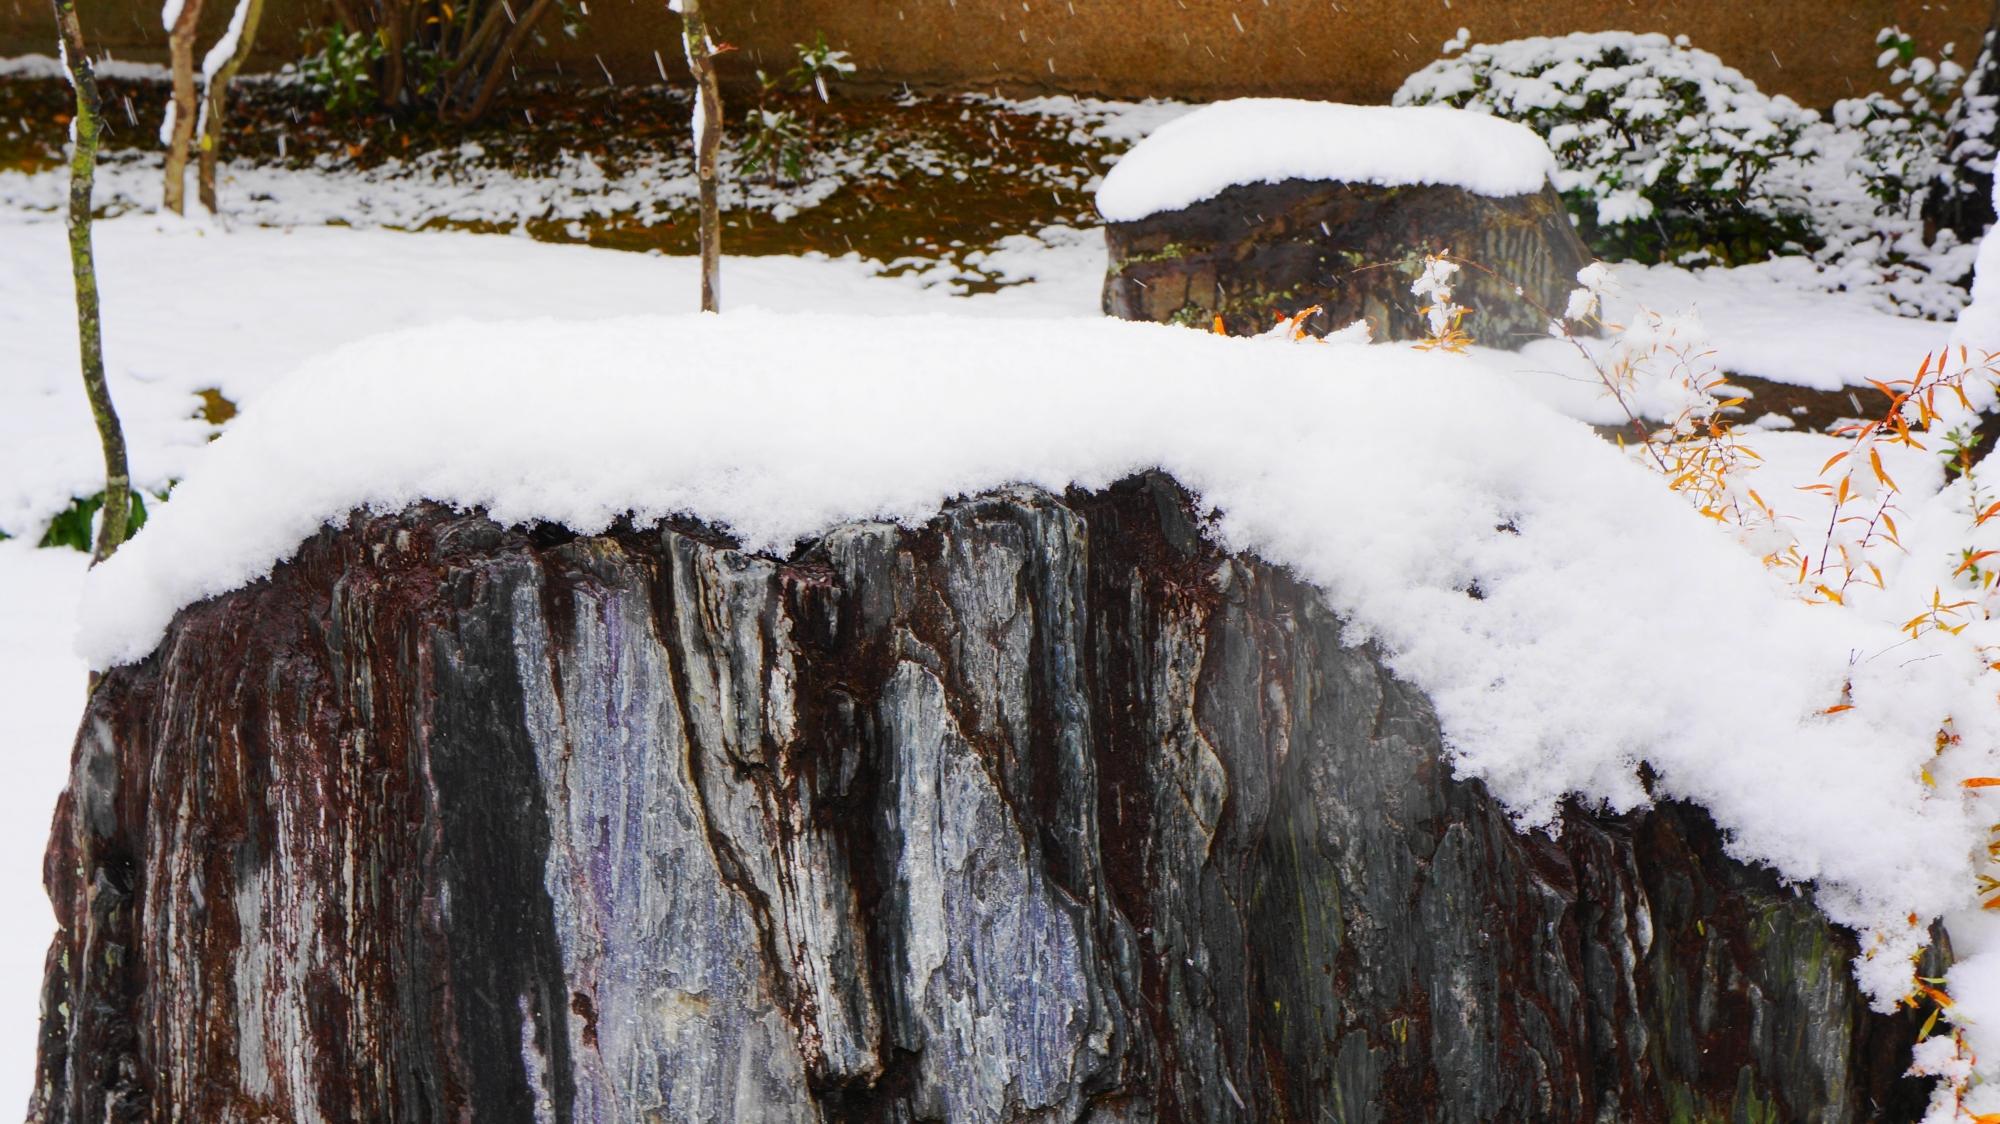 芳春院の雪の積もった大きな岩